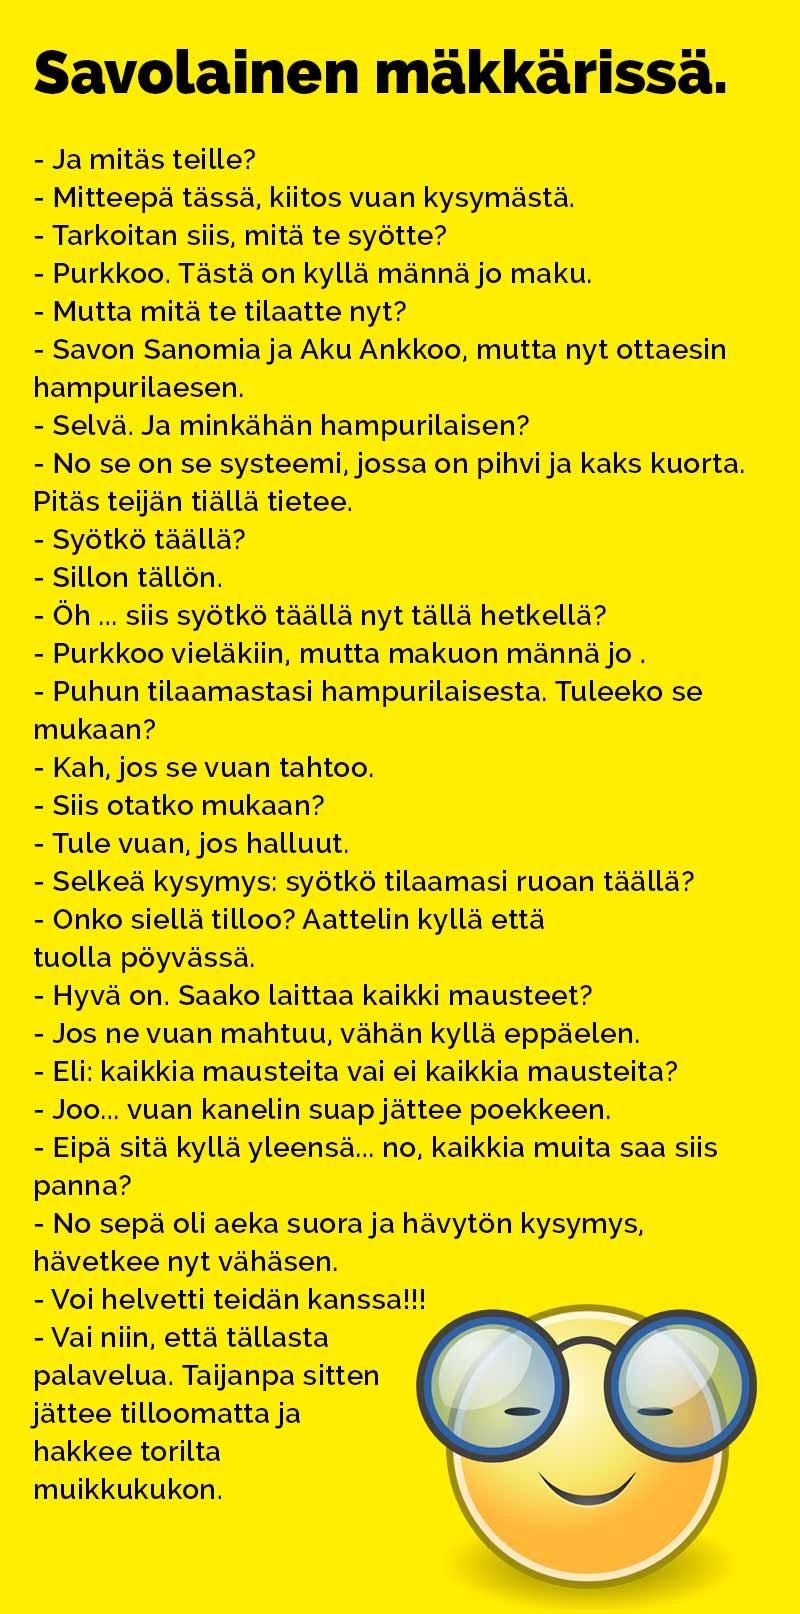 vitsit_savolainen_makkarissa_2